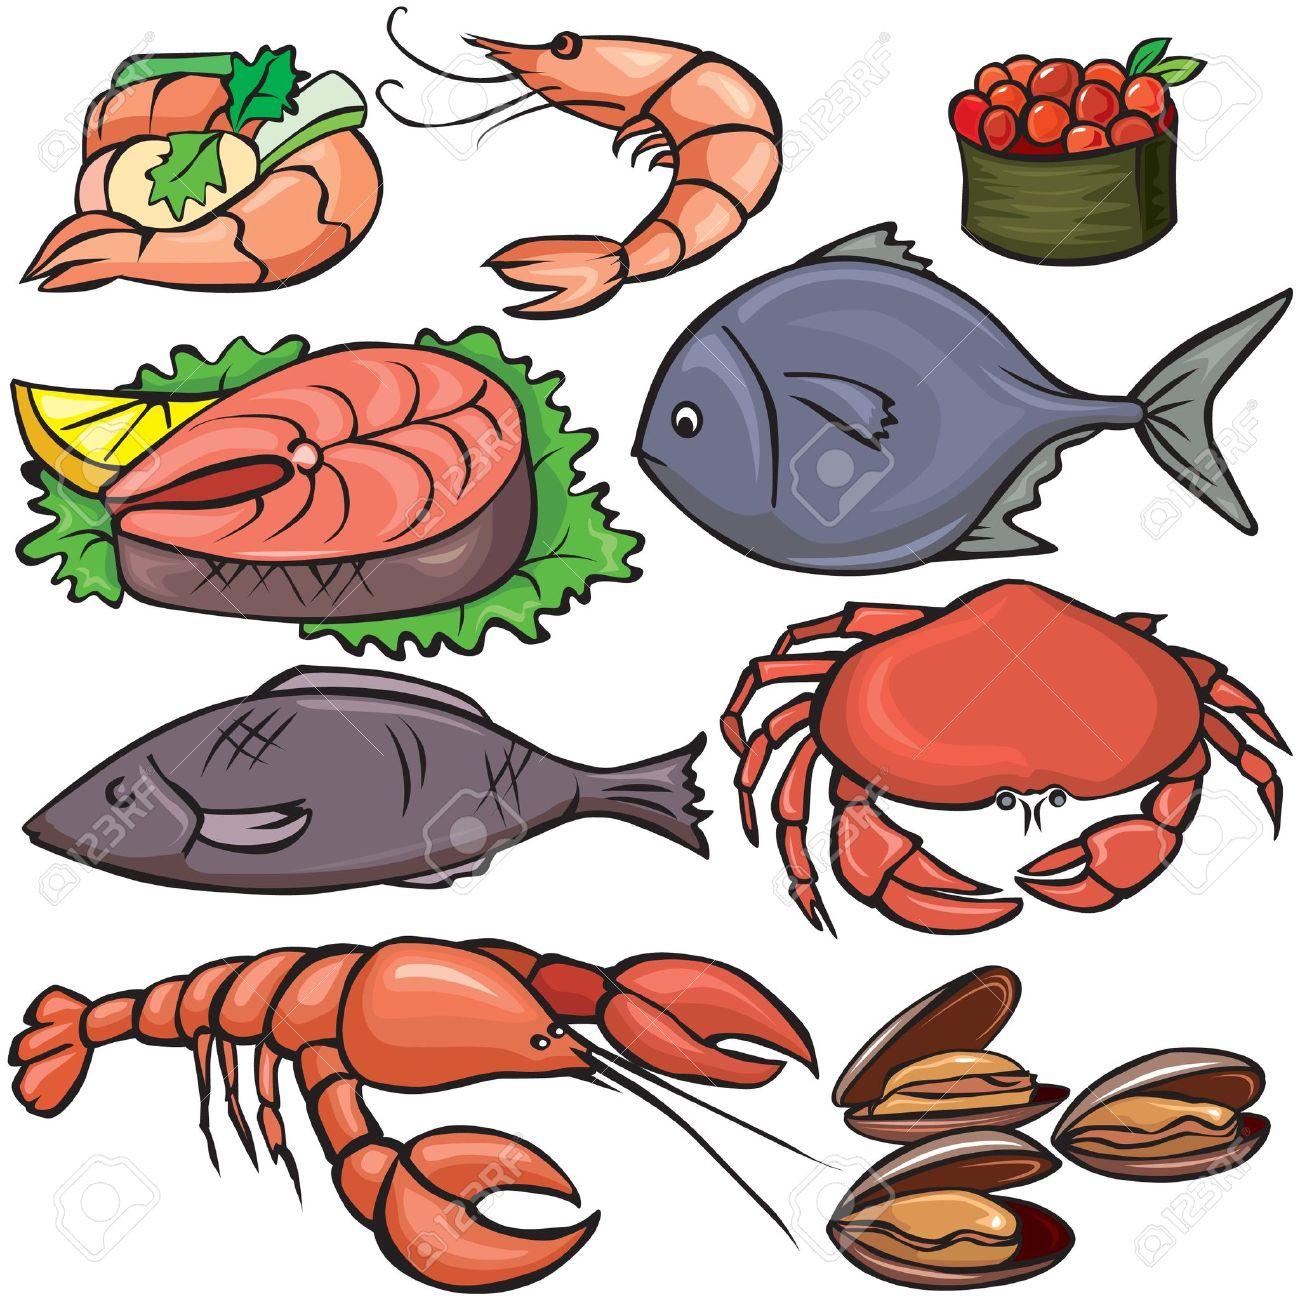 seafood icons set royalty free cliparts vectors and stock rh 123rf com Culture Clip Art Salad Culture Clip Art Salad